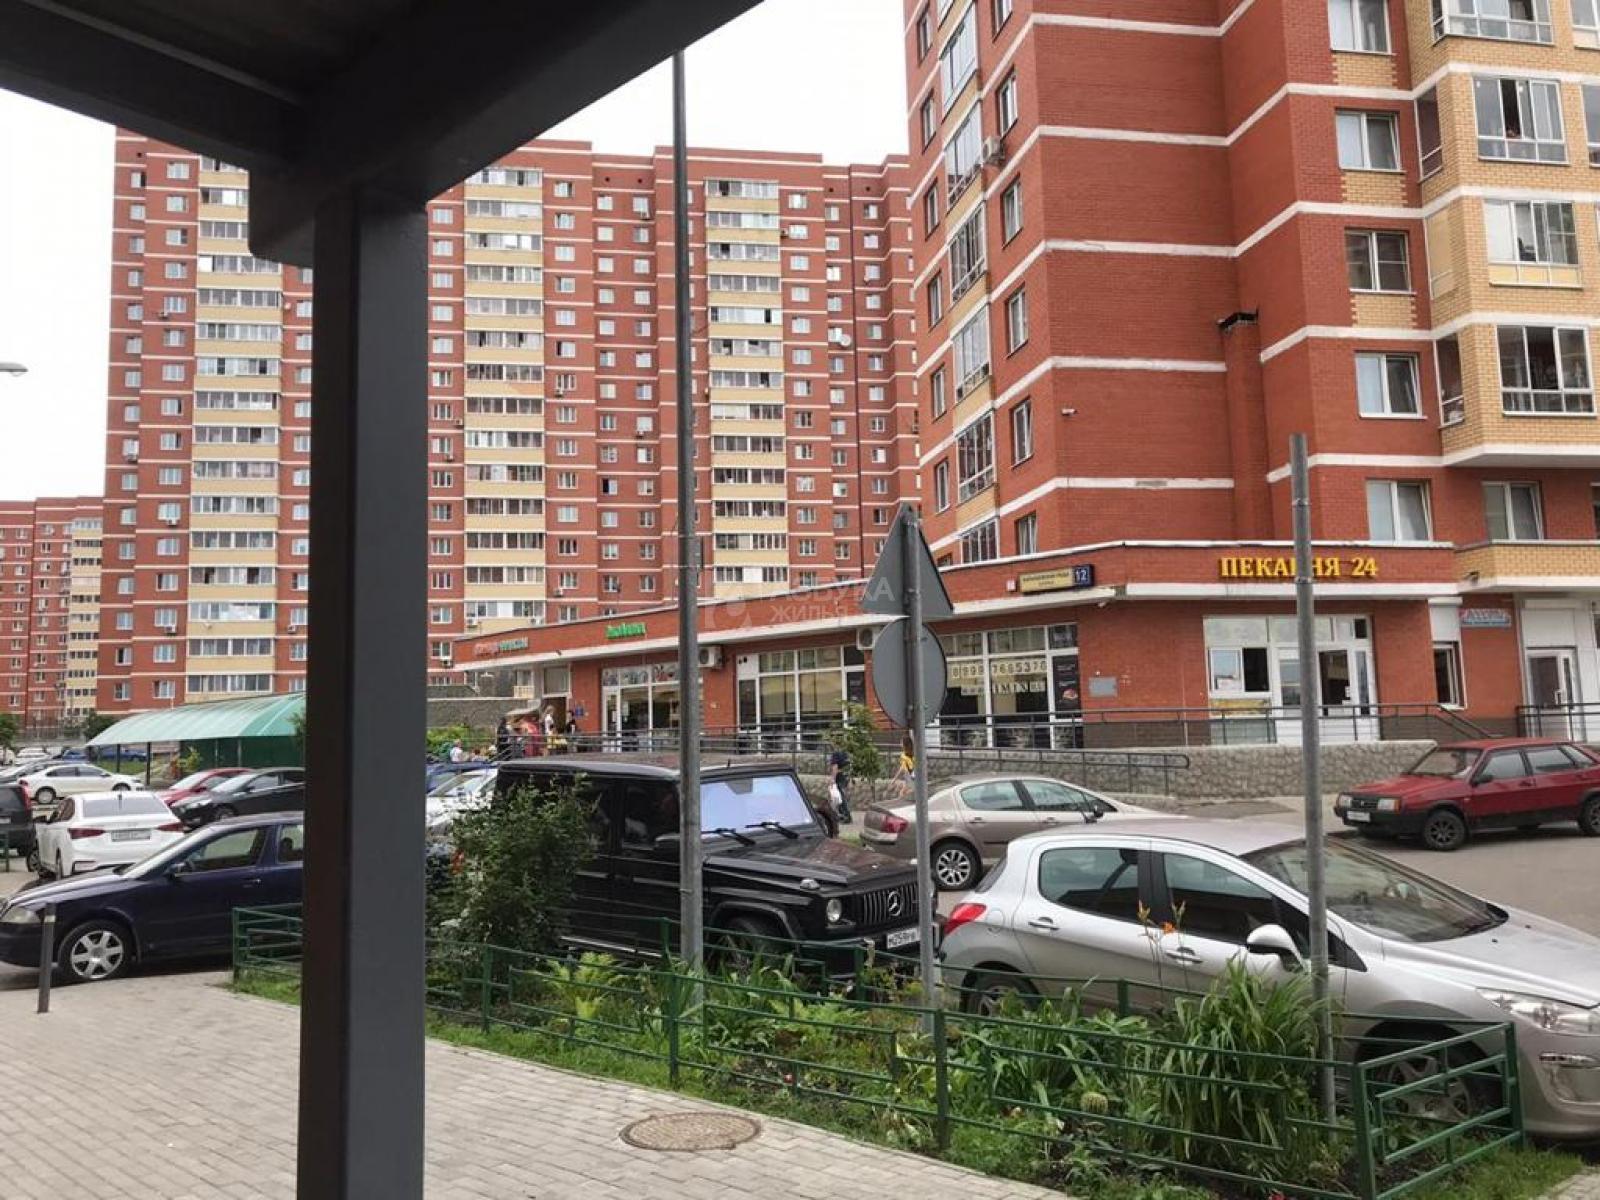 Фото №5 - 2-комнатная квартира, Москва, город Щербинка, Барышевская Роща улица 18, метро Бульвар Дмитрия Донского